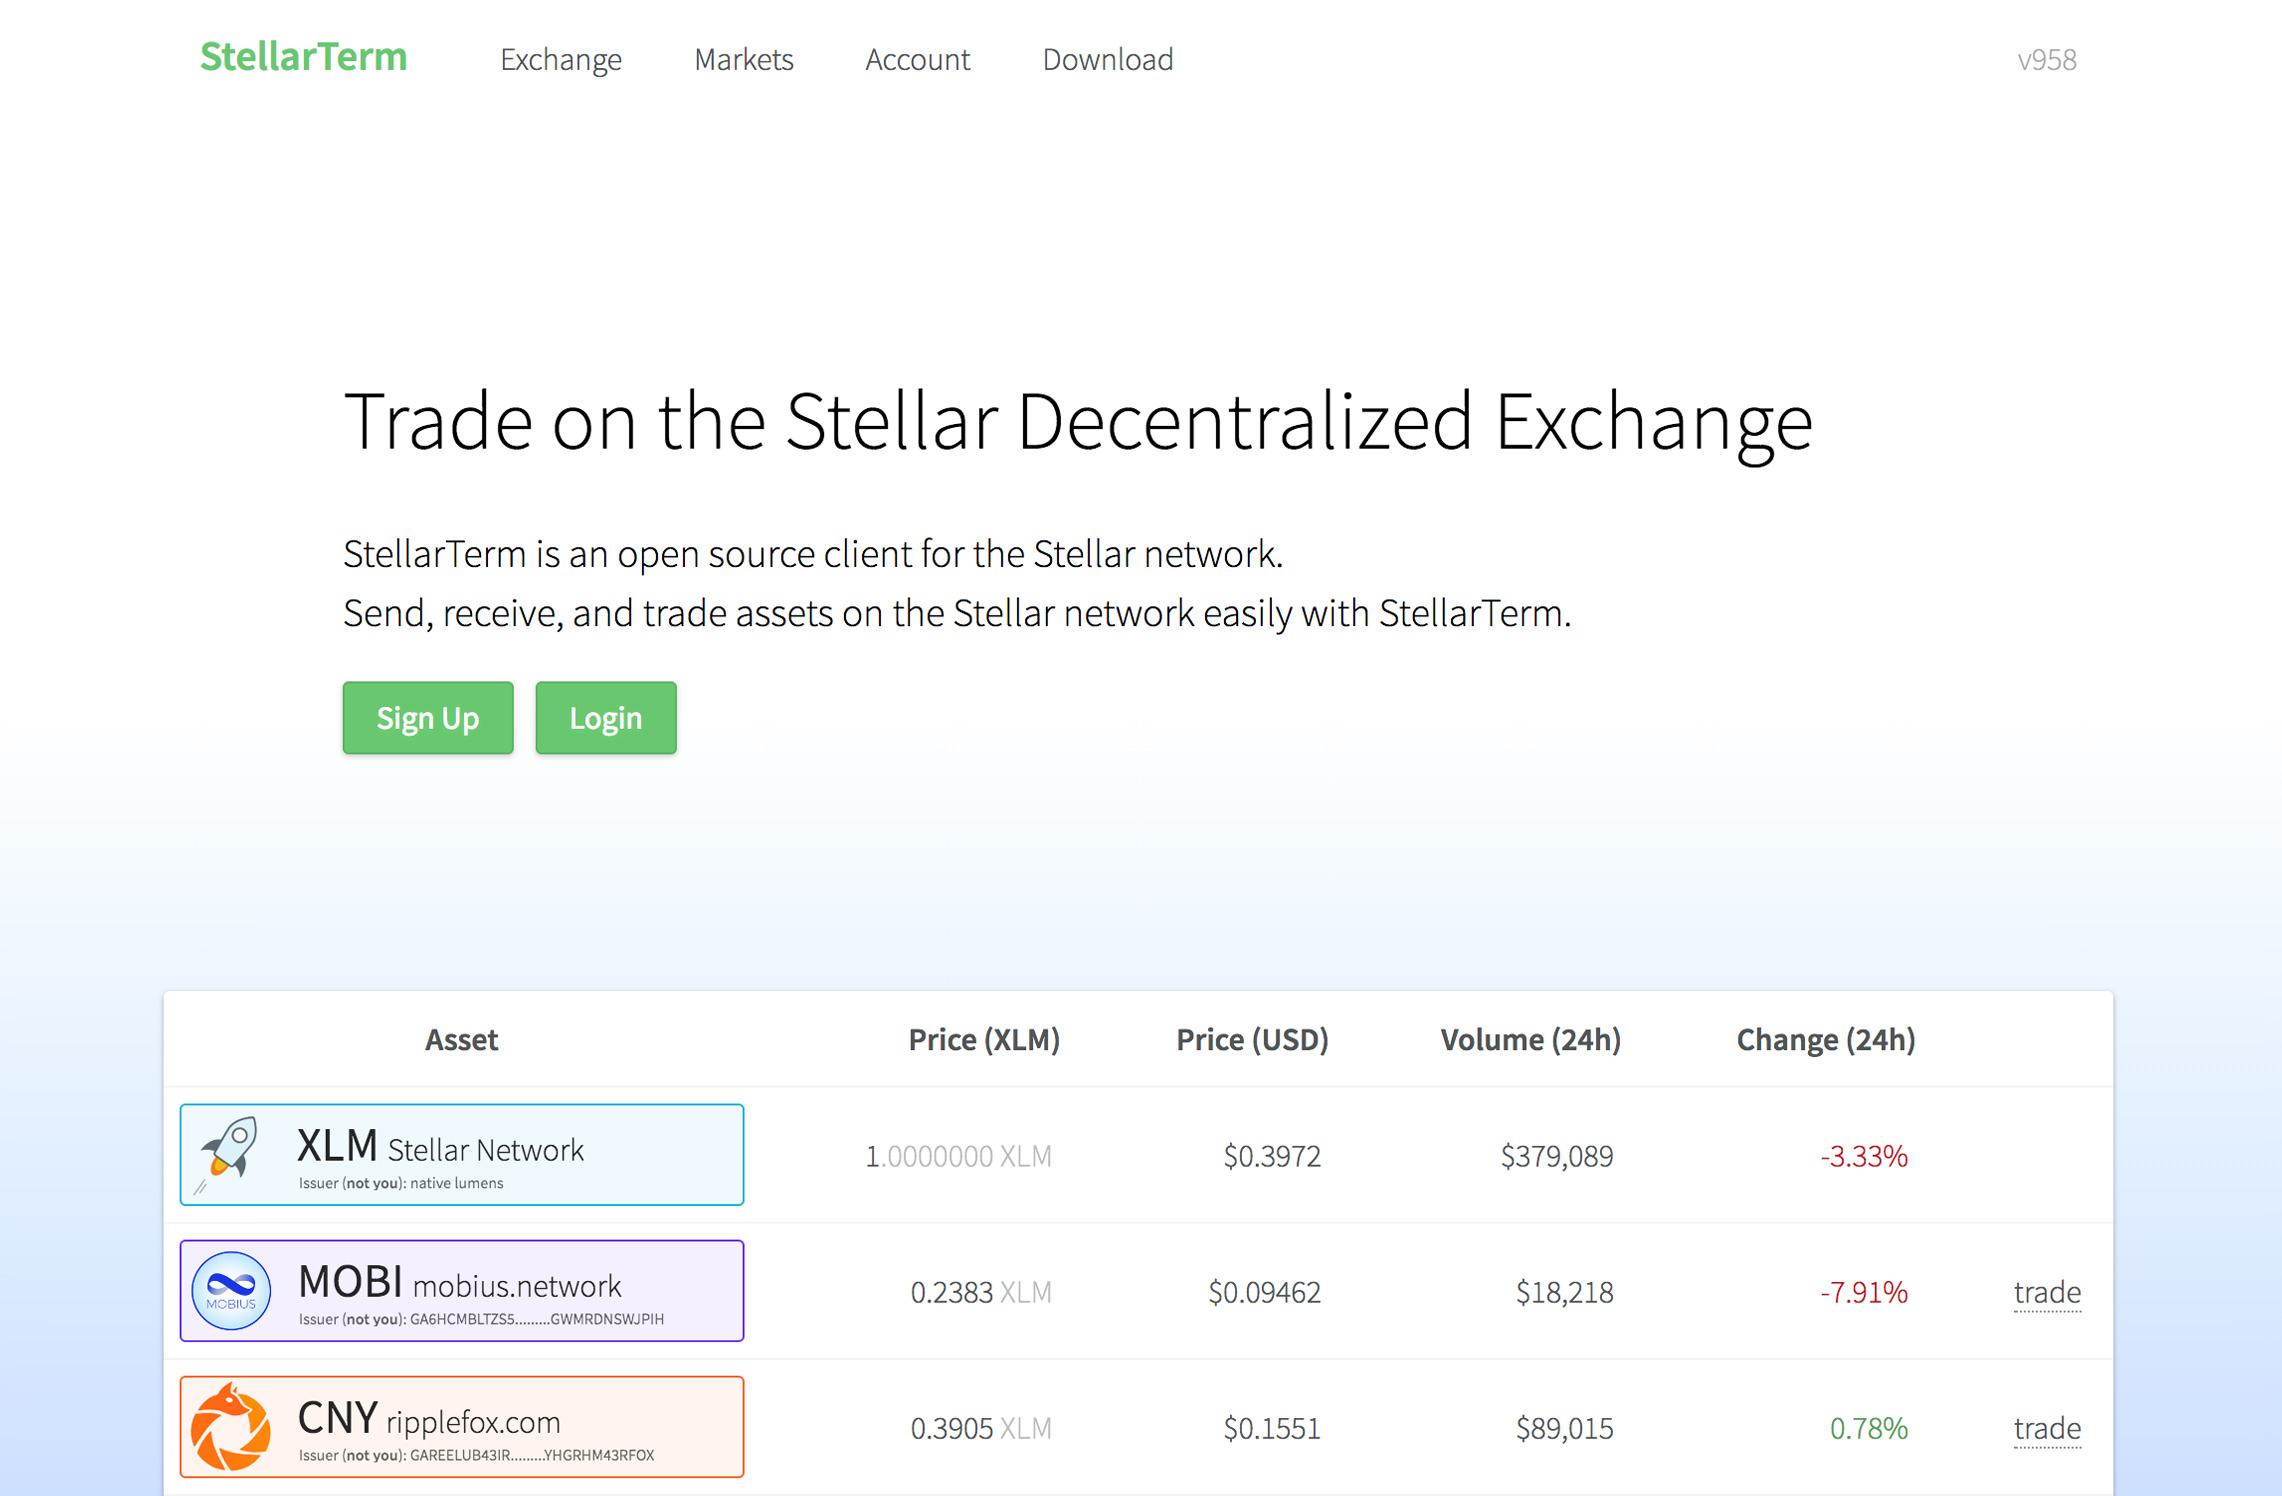 stellarterm stellar decentralized exchange user interface